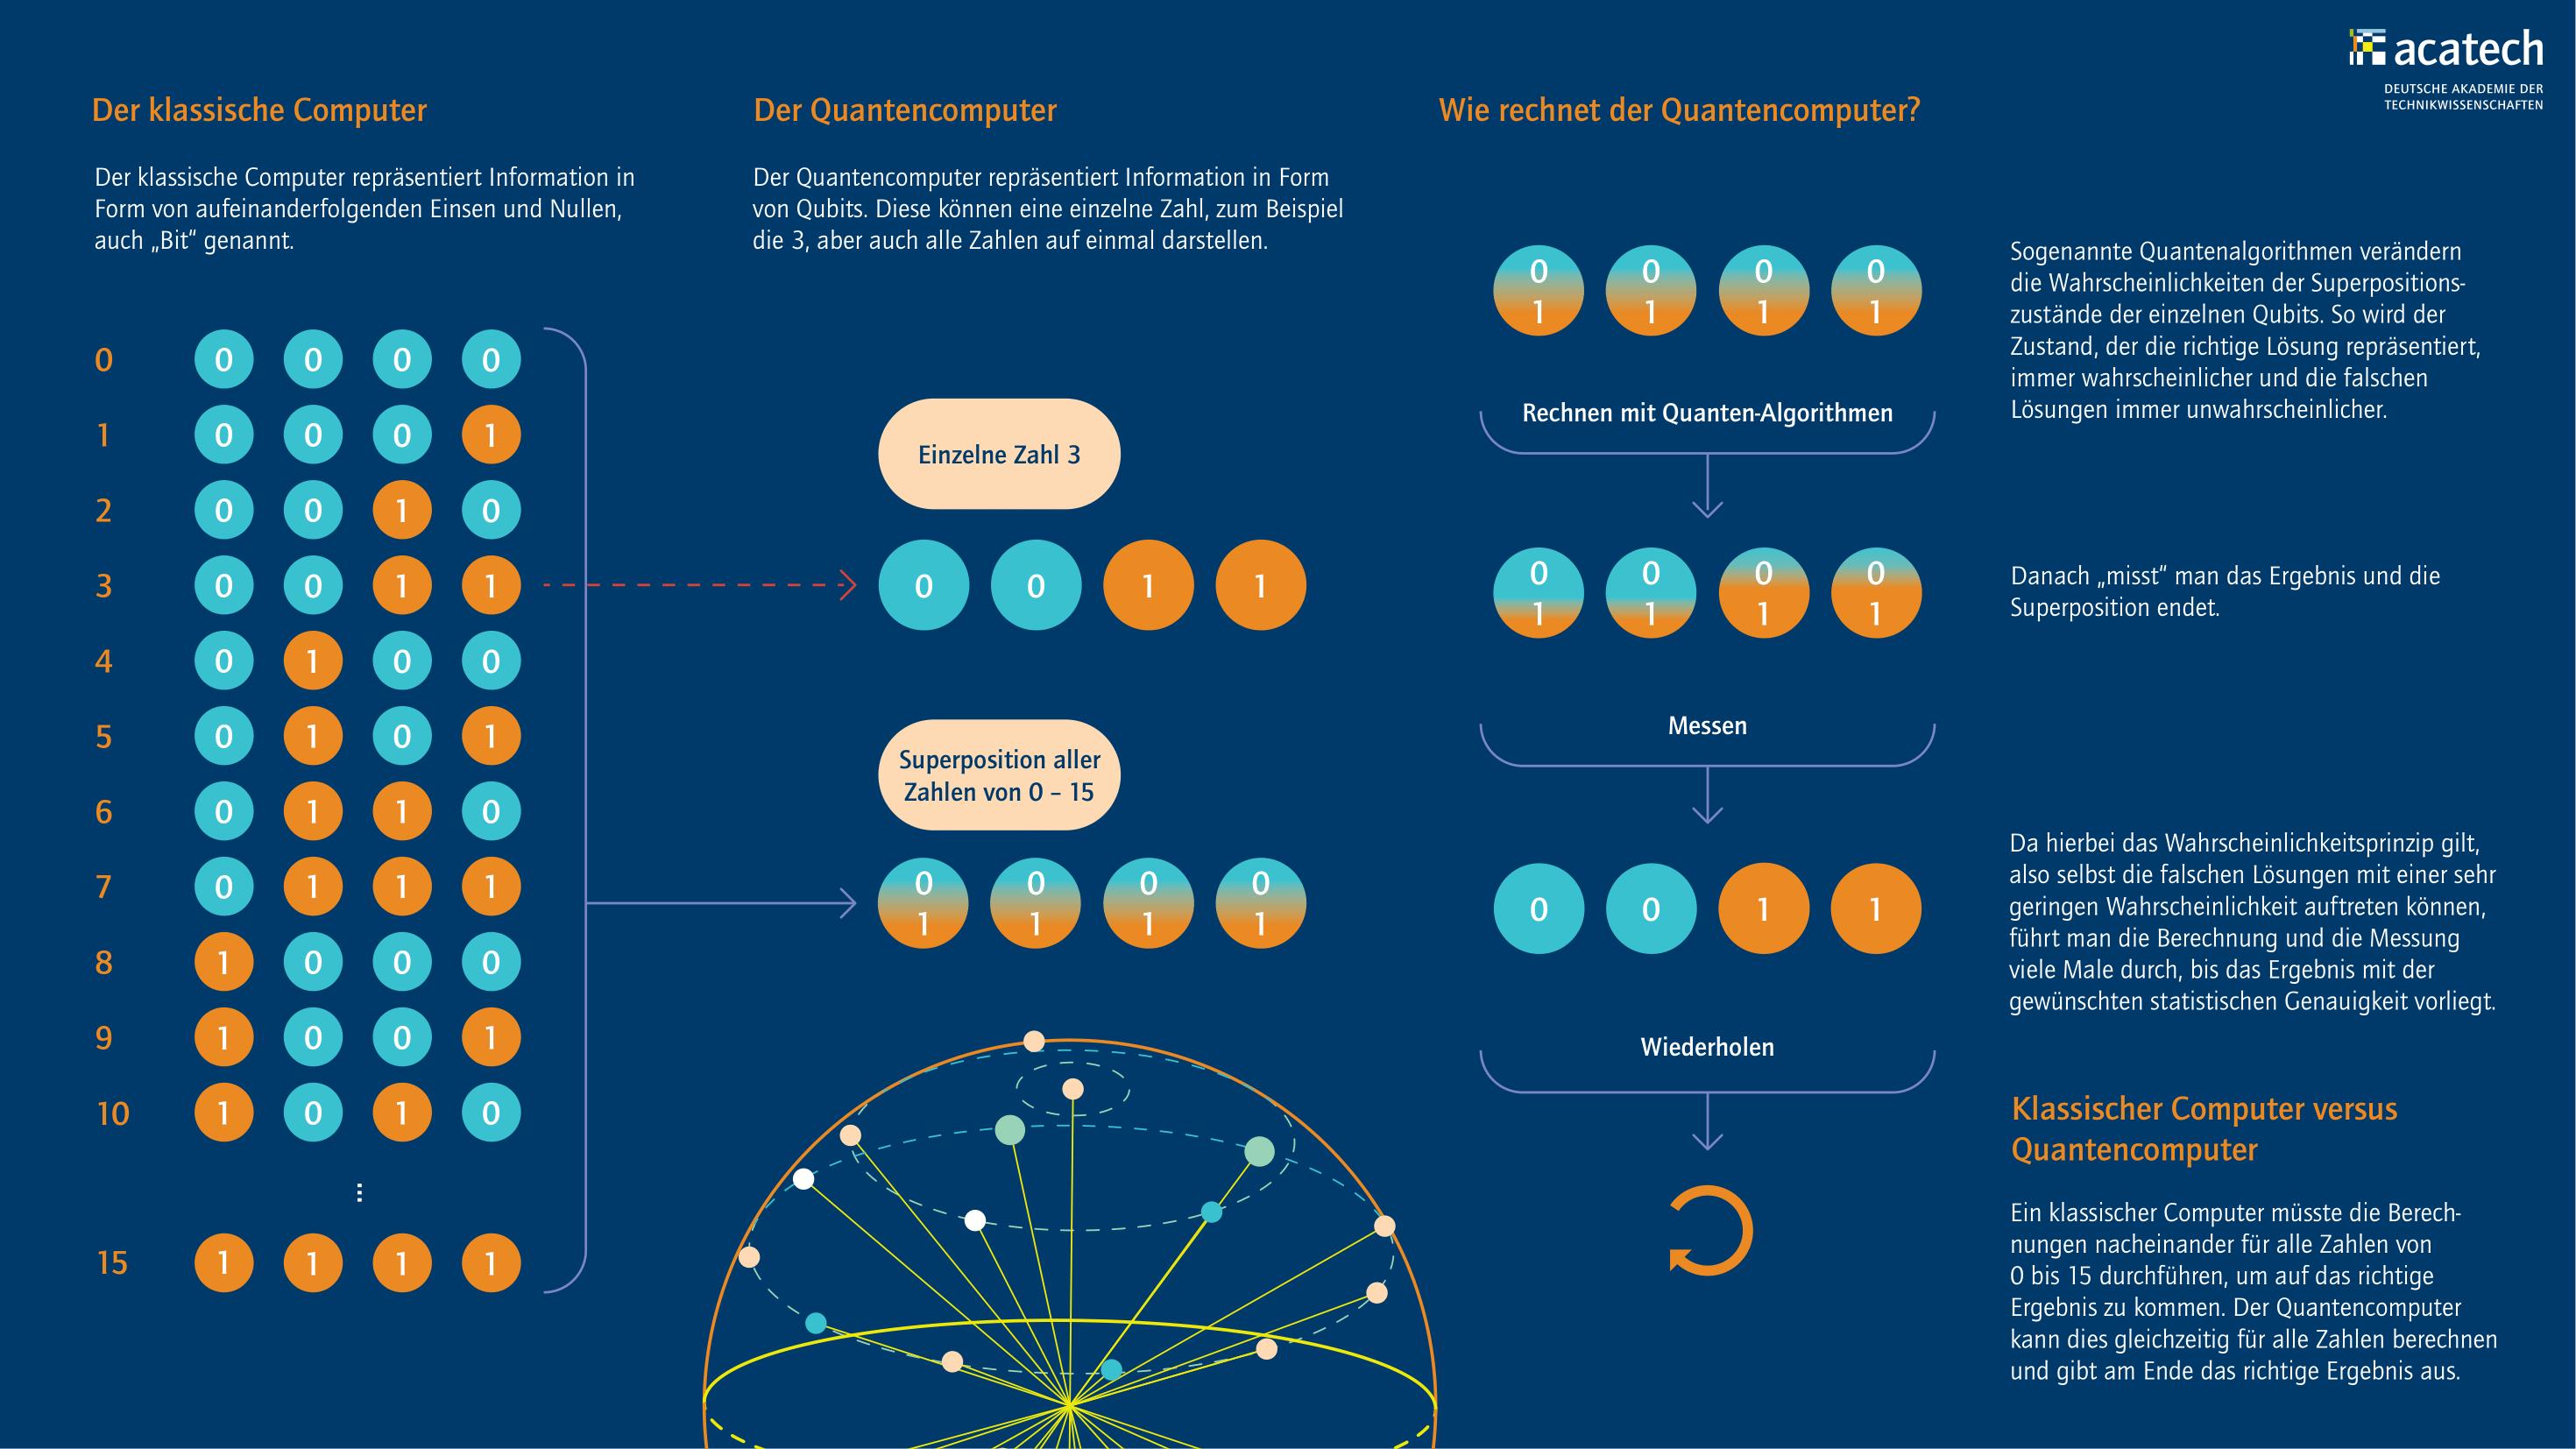 Grafik mit abstrahierter Darstellung der Unterschiede zwischen klassischem- und Quantencomputer